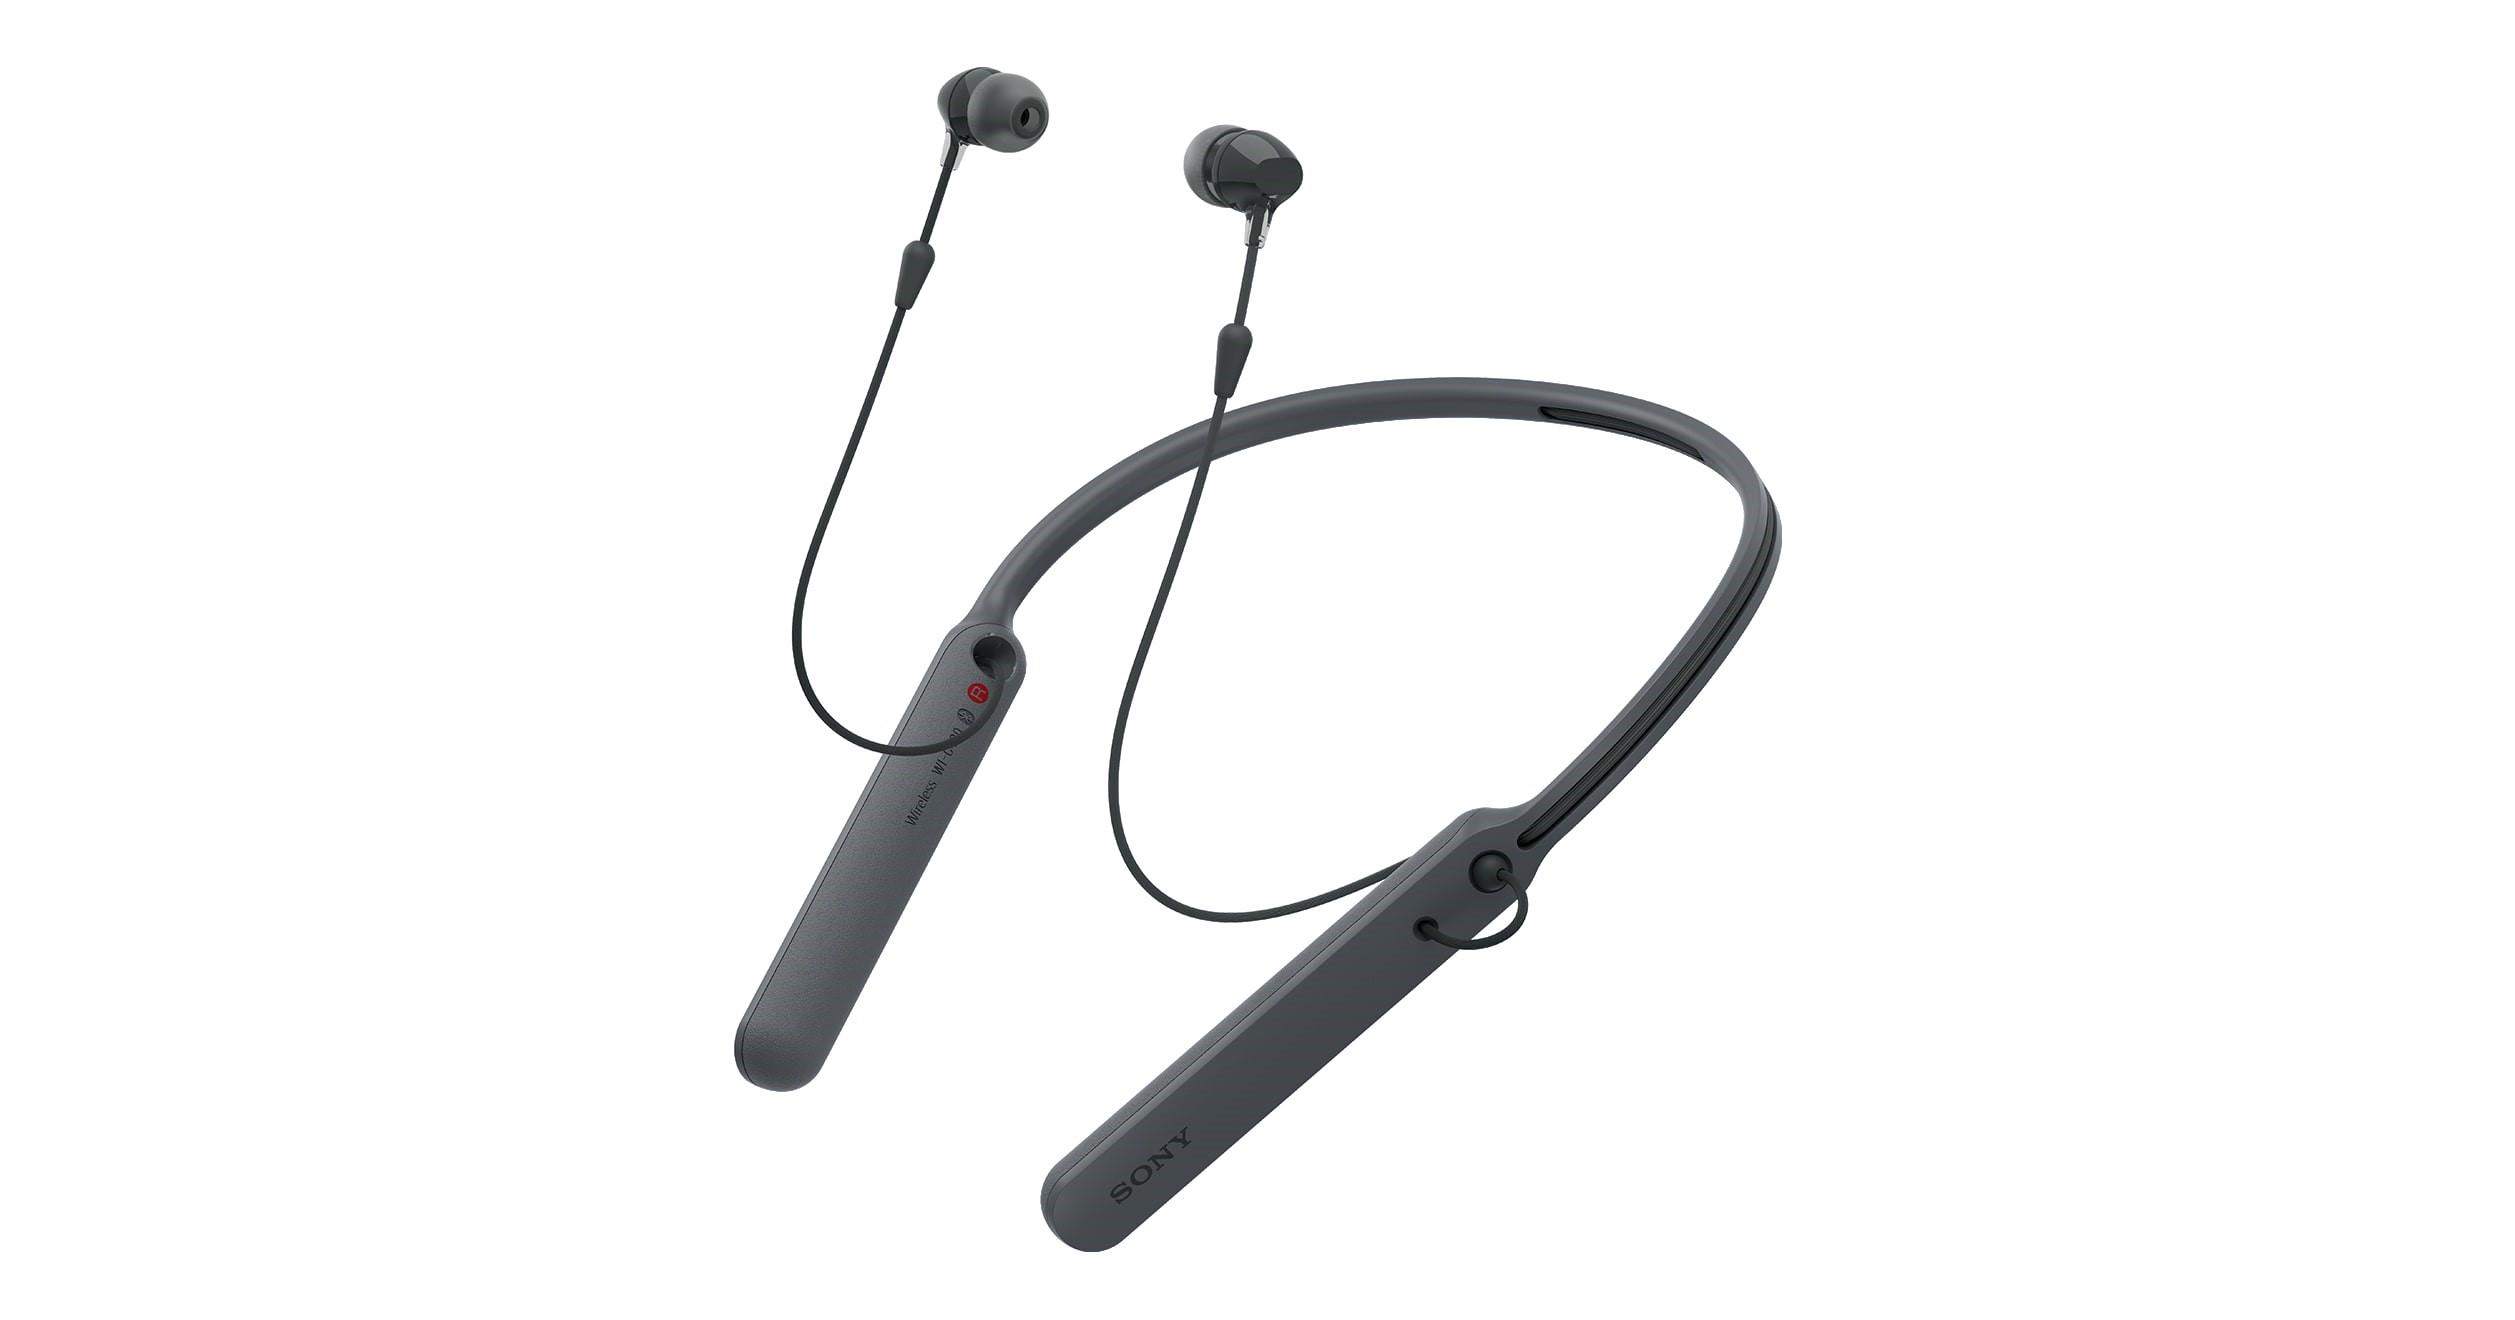 Tai nghe không dây Sony WI-C400 thể thoa gọn nhẹ